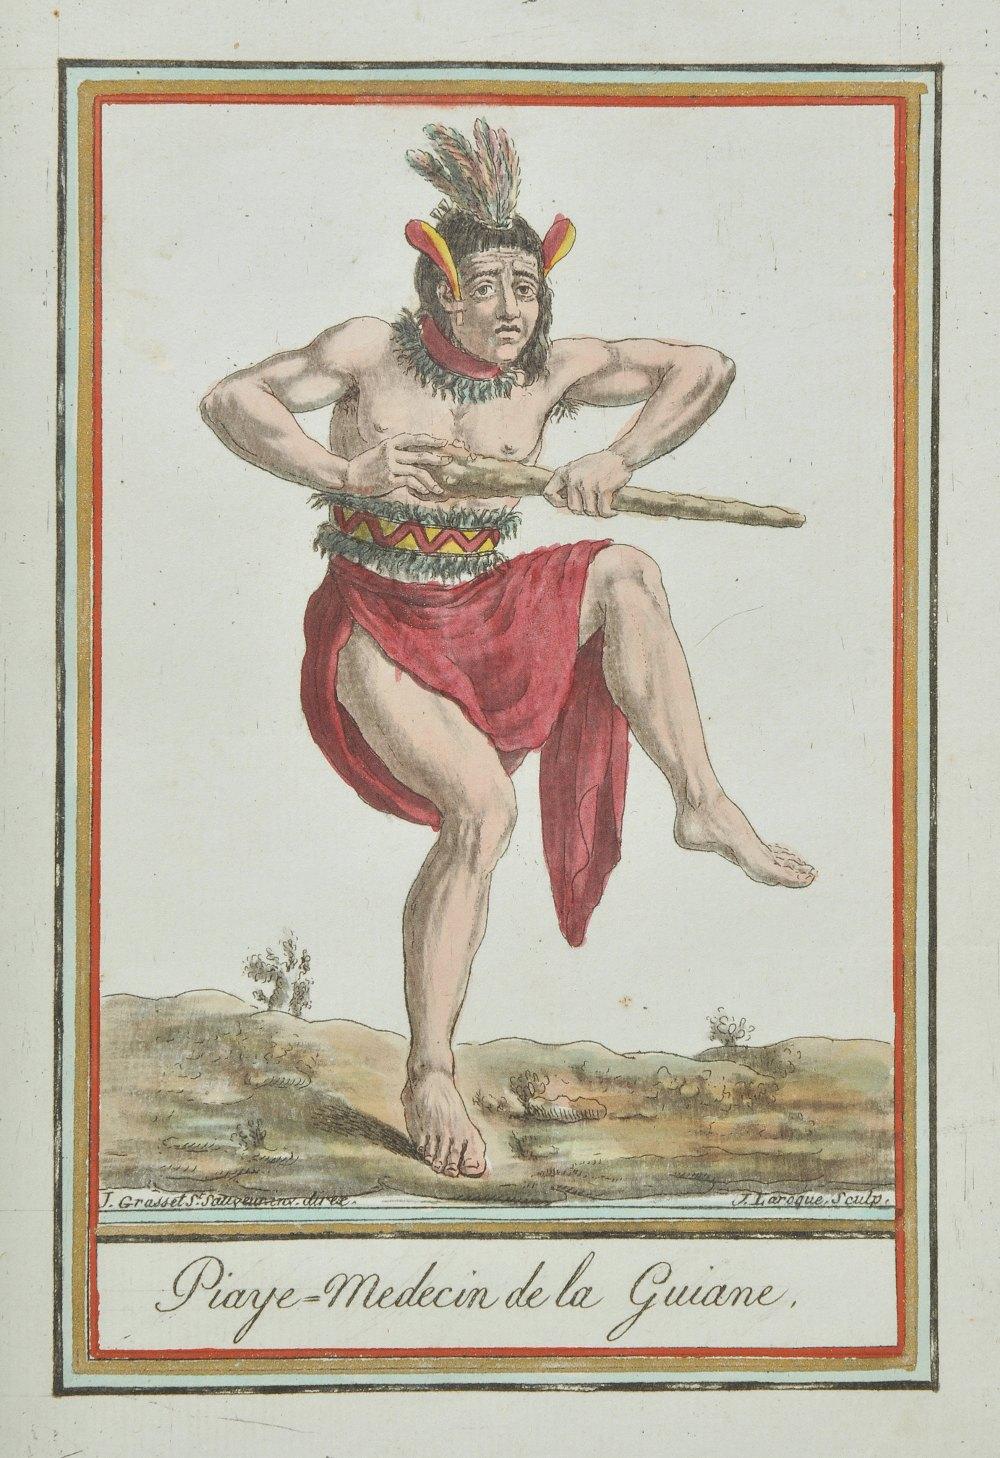 Lot 26 - Grasset de Saint-Sauveur Jacques. [Encyclopedie des Voyages, 1795-1796], 47 hand-coloured engraved